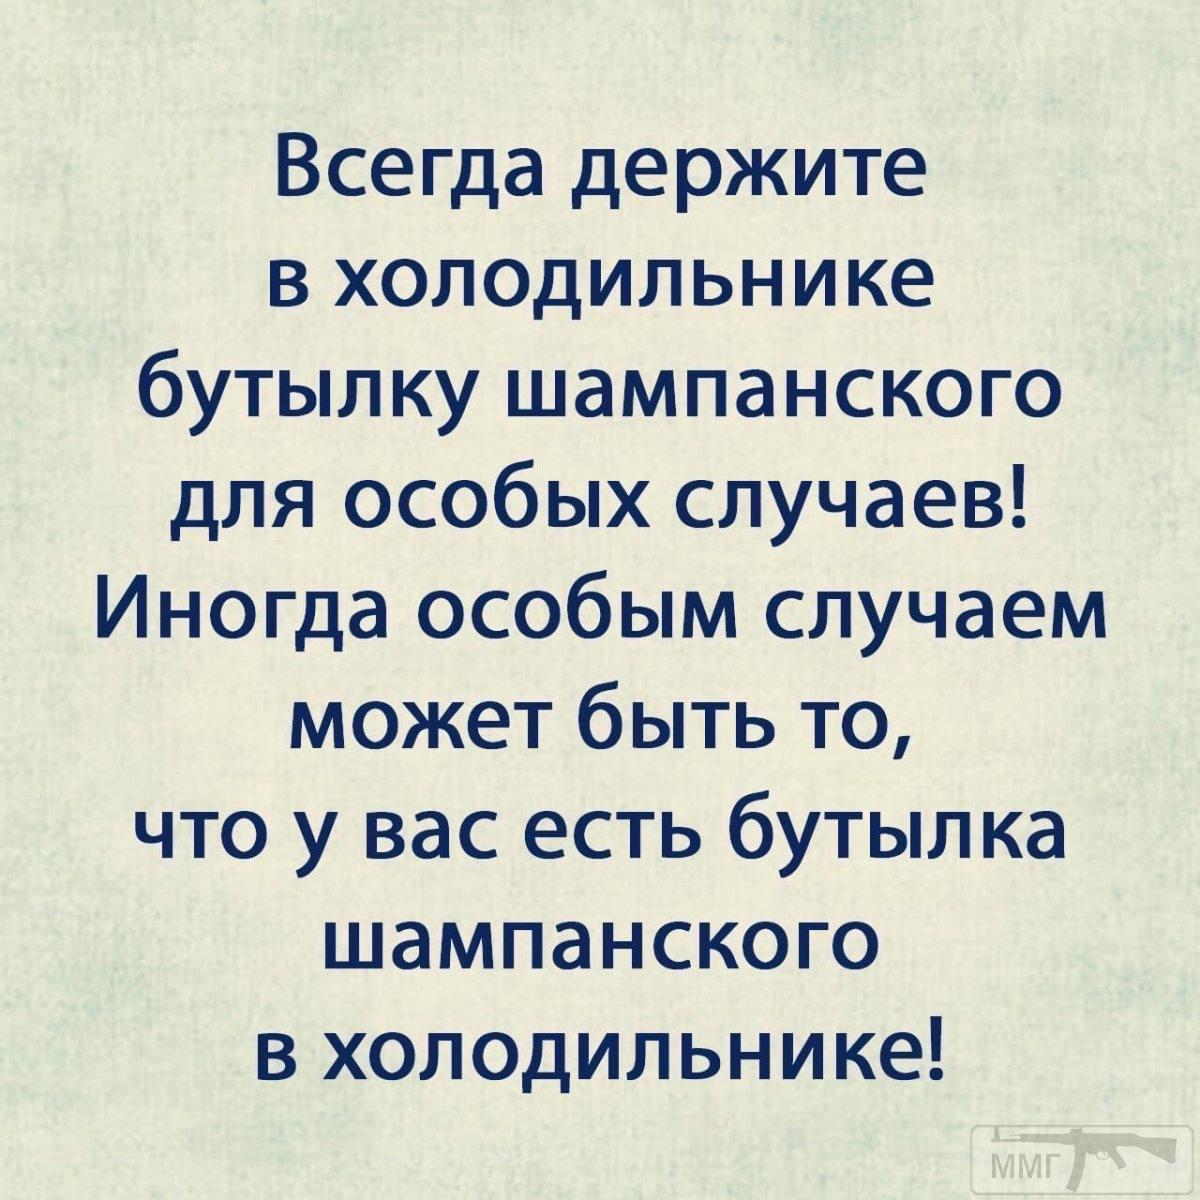 107769 - Пить или не пить? - пятничная алкогольная тема )))